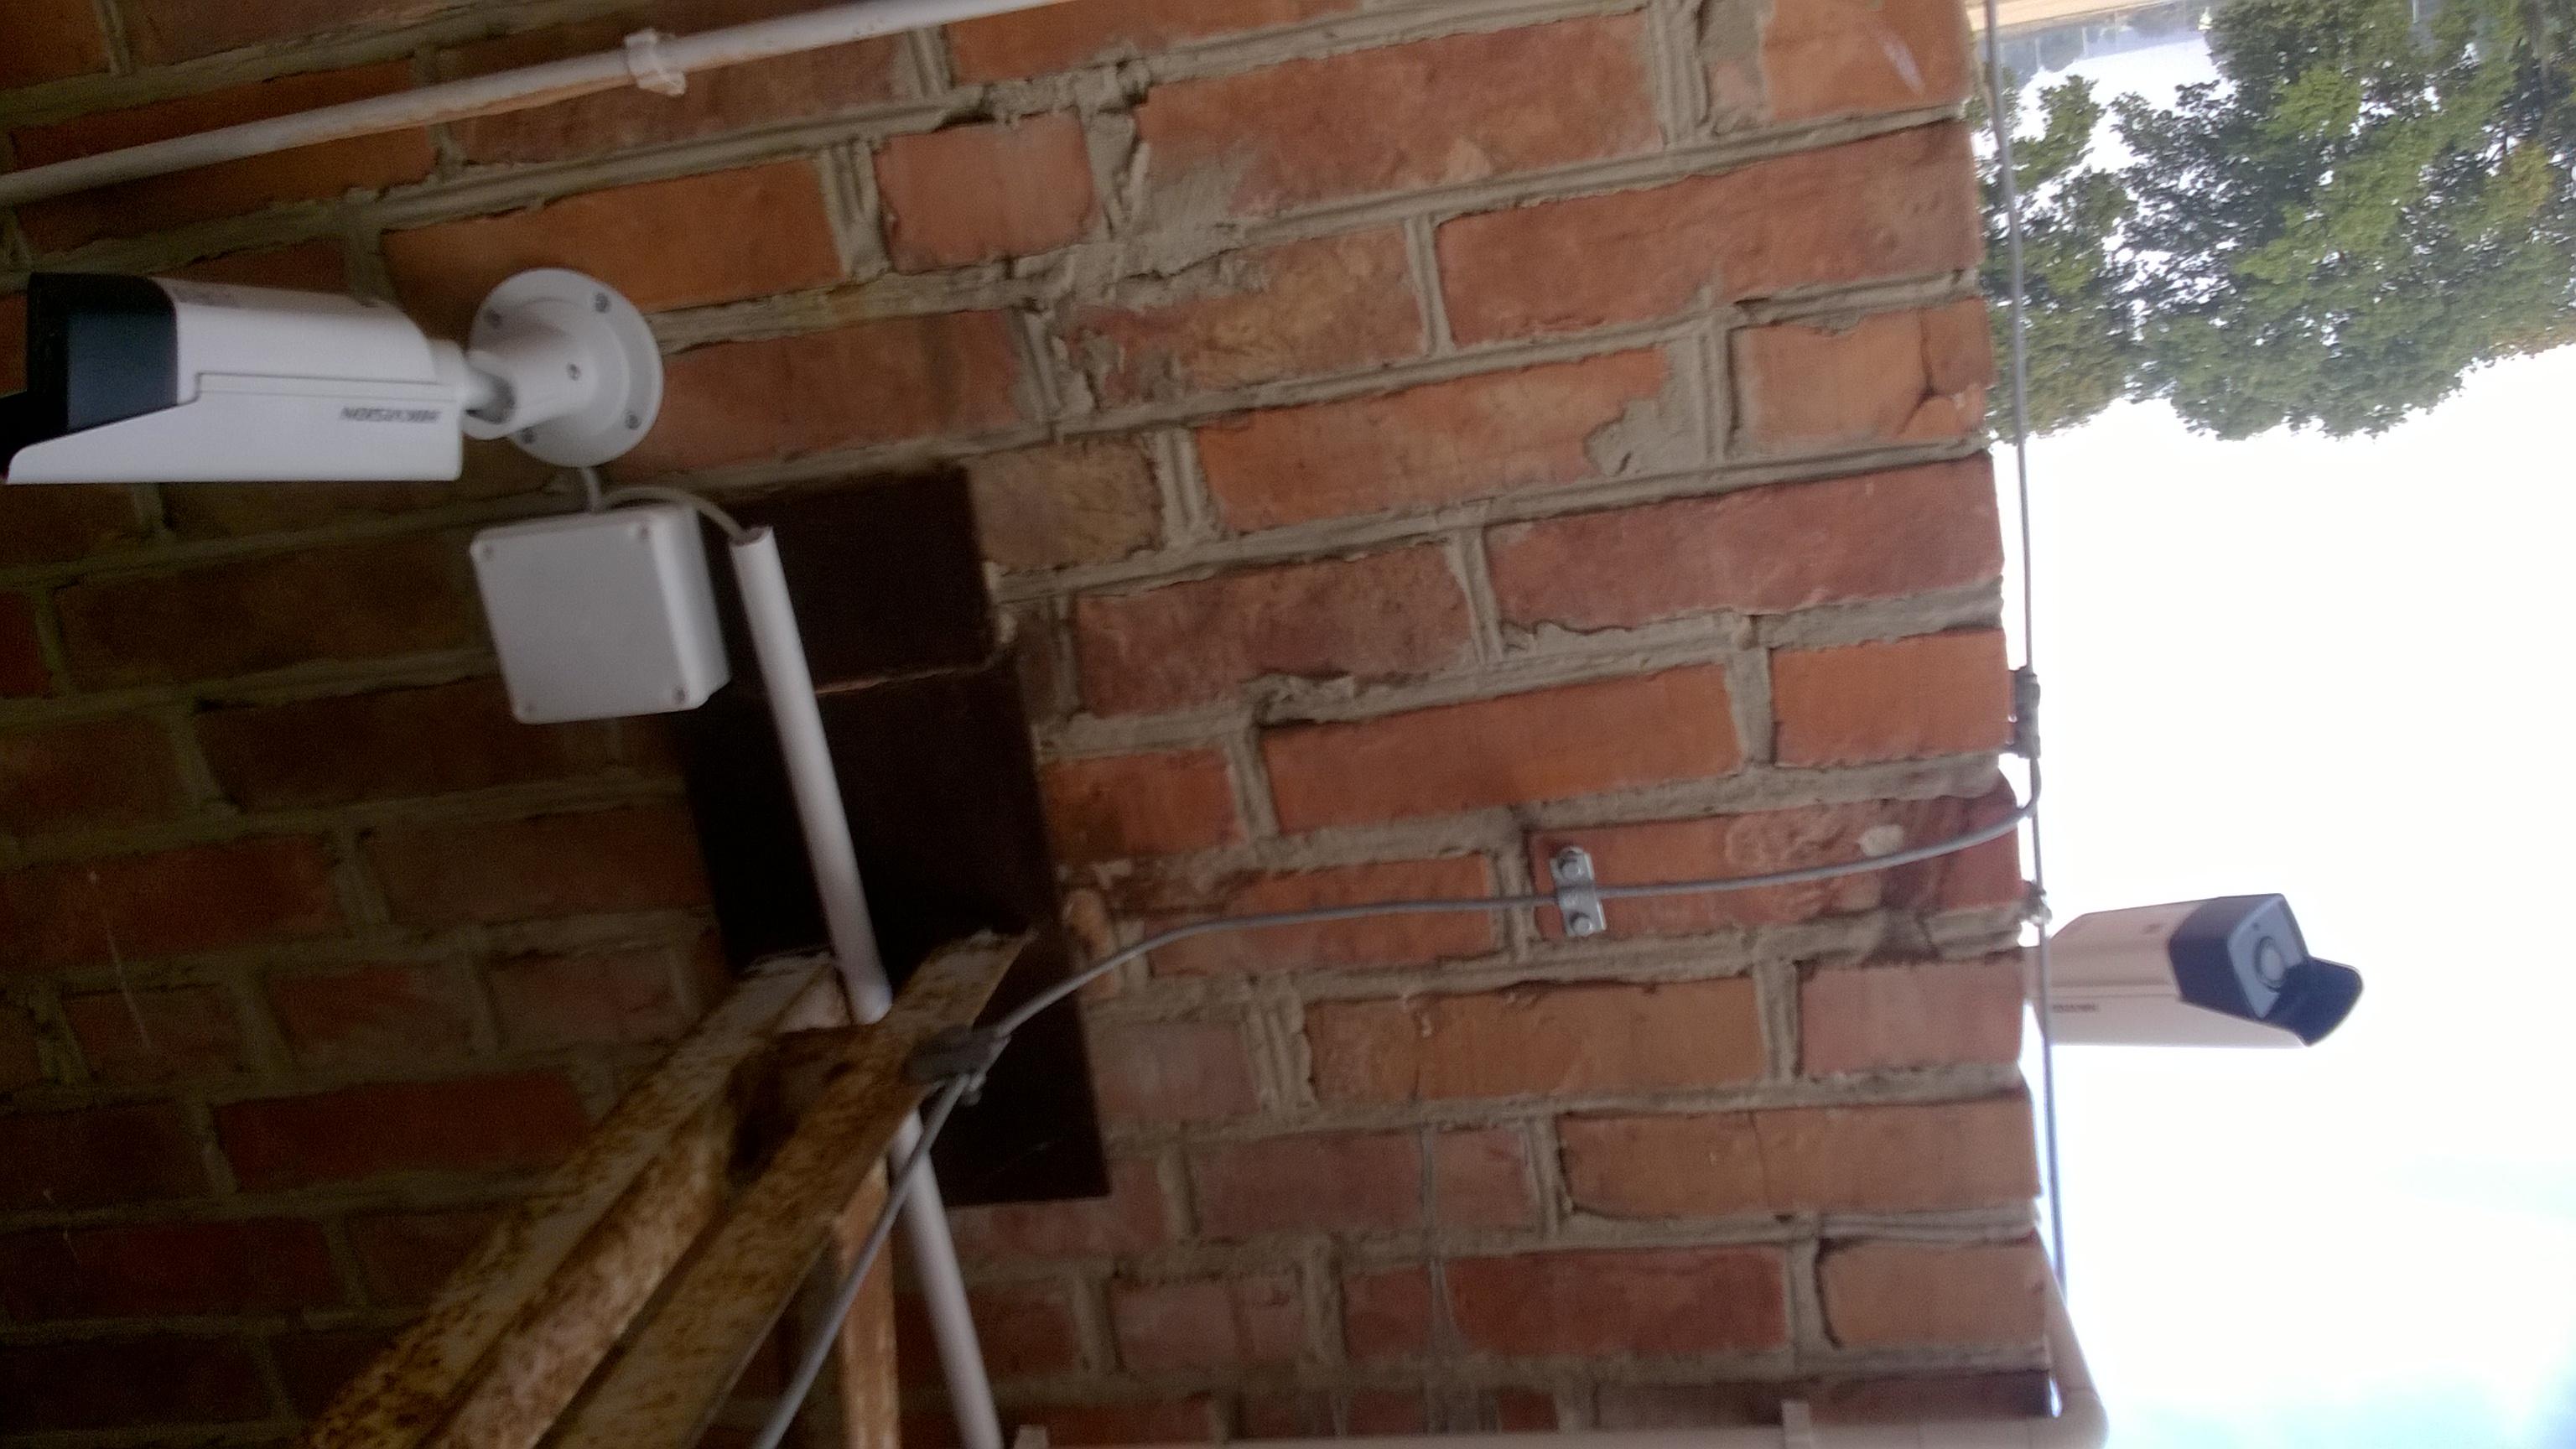 monitoring-bilgoraj-monitoring-zamosc-monitoring-krasnik-monitoring-janow-lubelski-monitoring-gospodarstwa-rolnego-monitoring-chelm-monitoring-lezajsk-33-infomech-monitoring-wizyjny-systemy-zabezpie